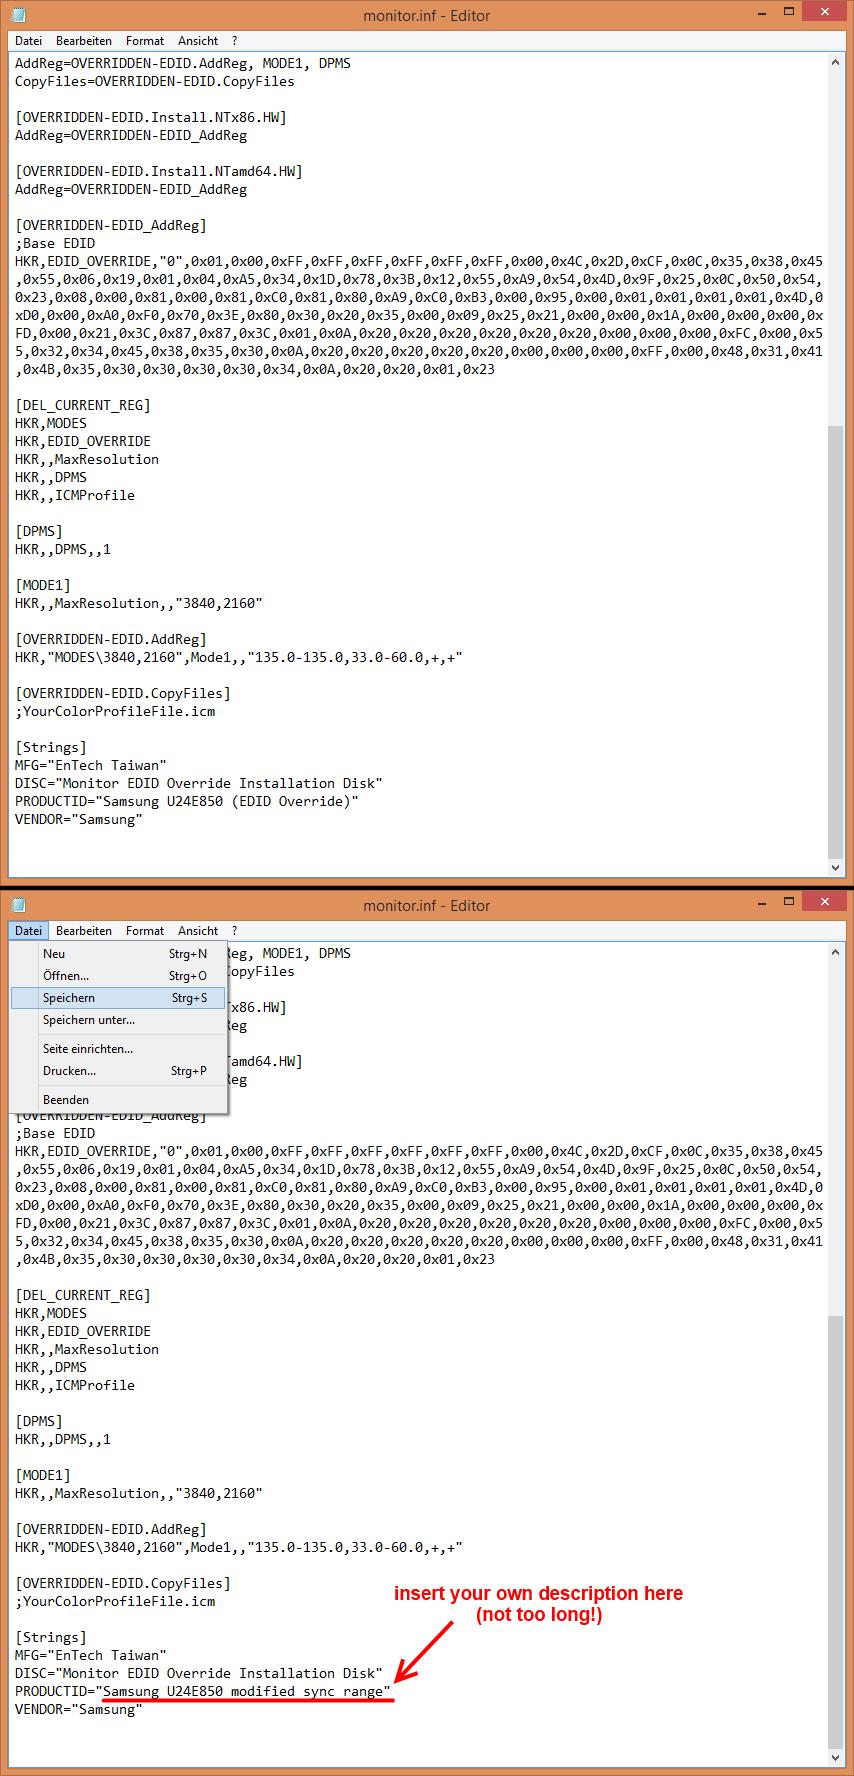 05_add_description_to_monitor.inf